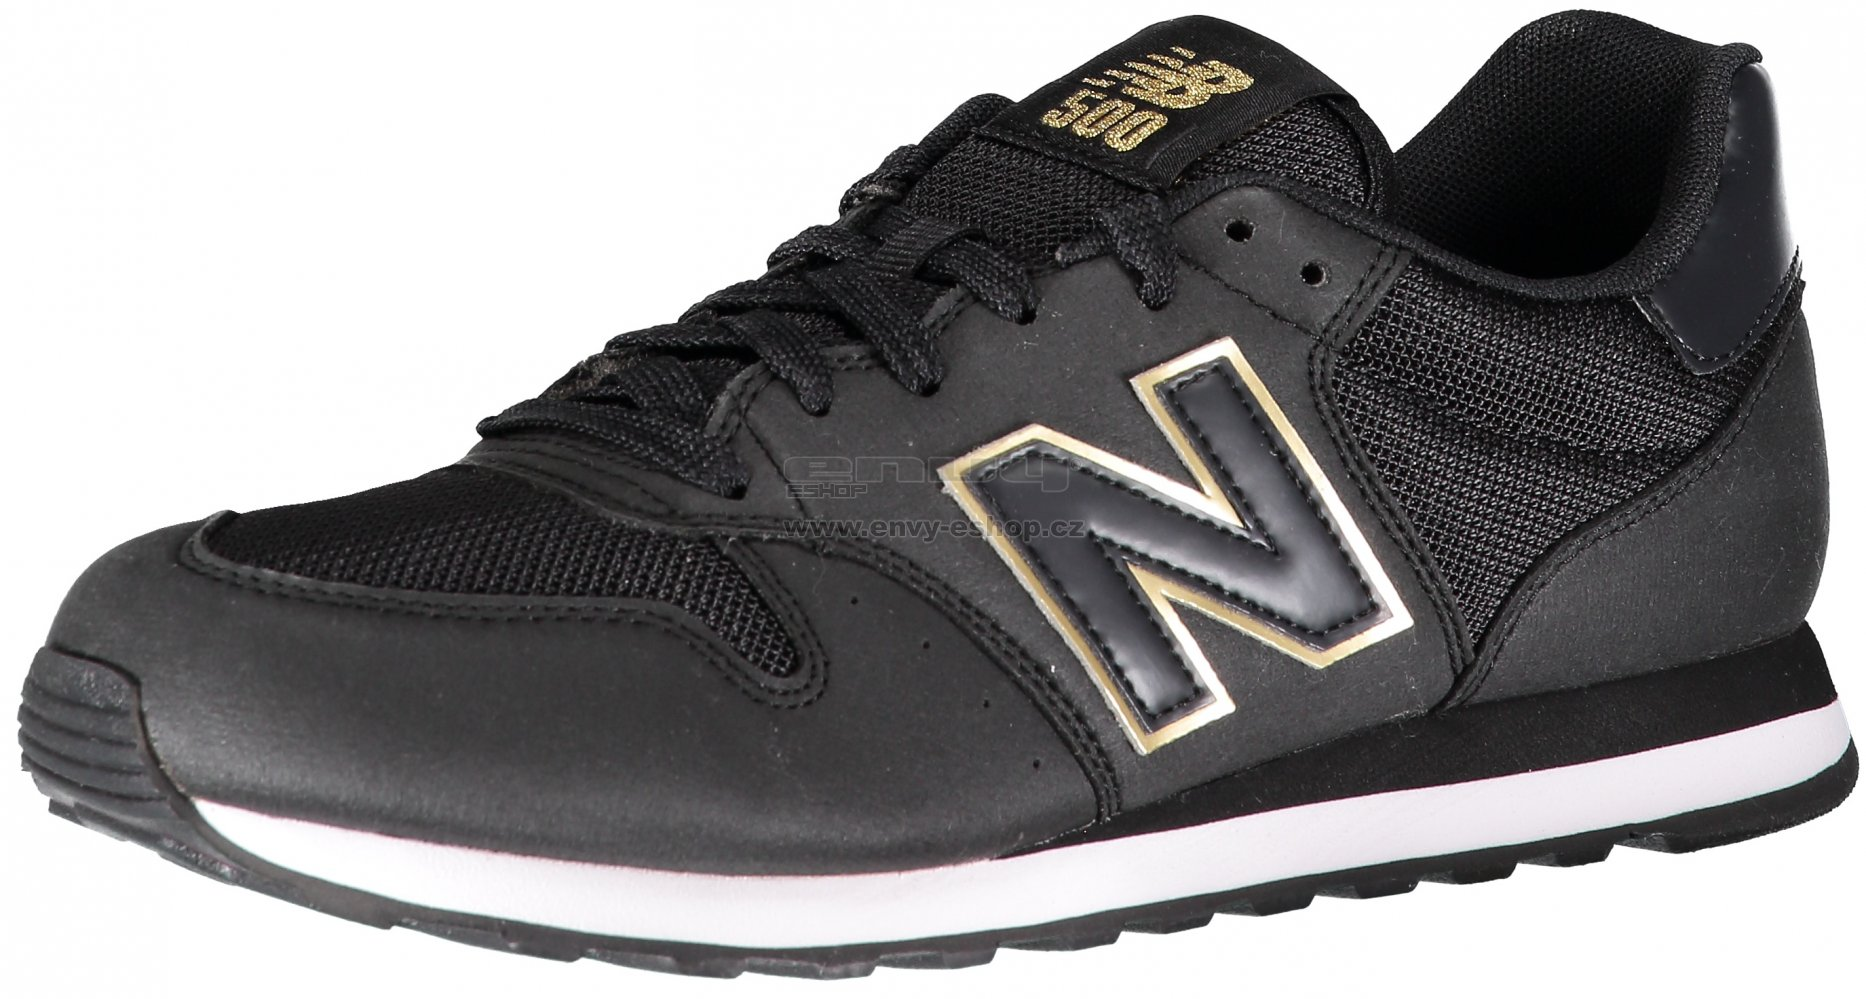 Dámská volnočasová obuv NEW BALANCE GW500KGK BLACK GOLD velikost  EU ... c3a6e2d671